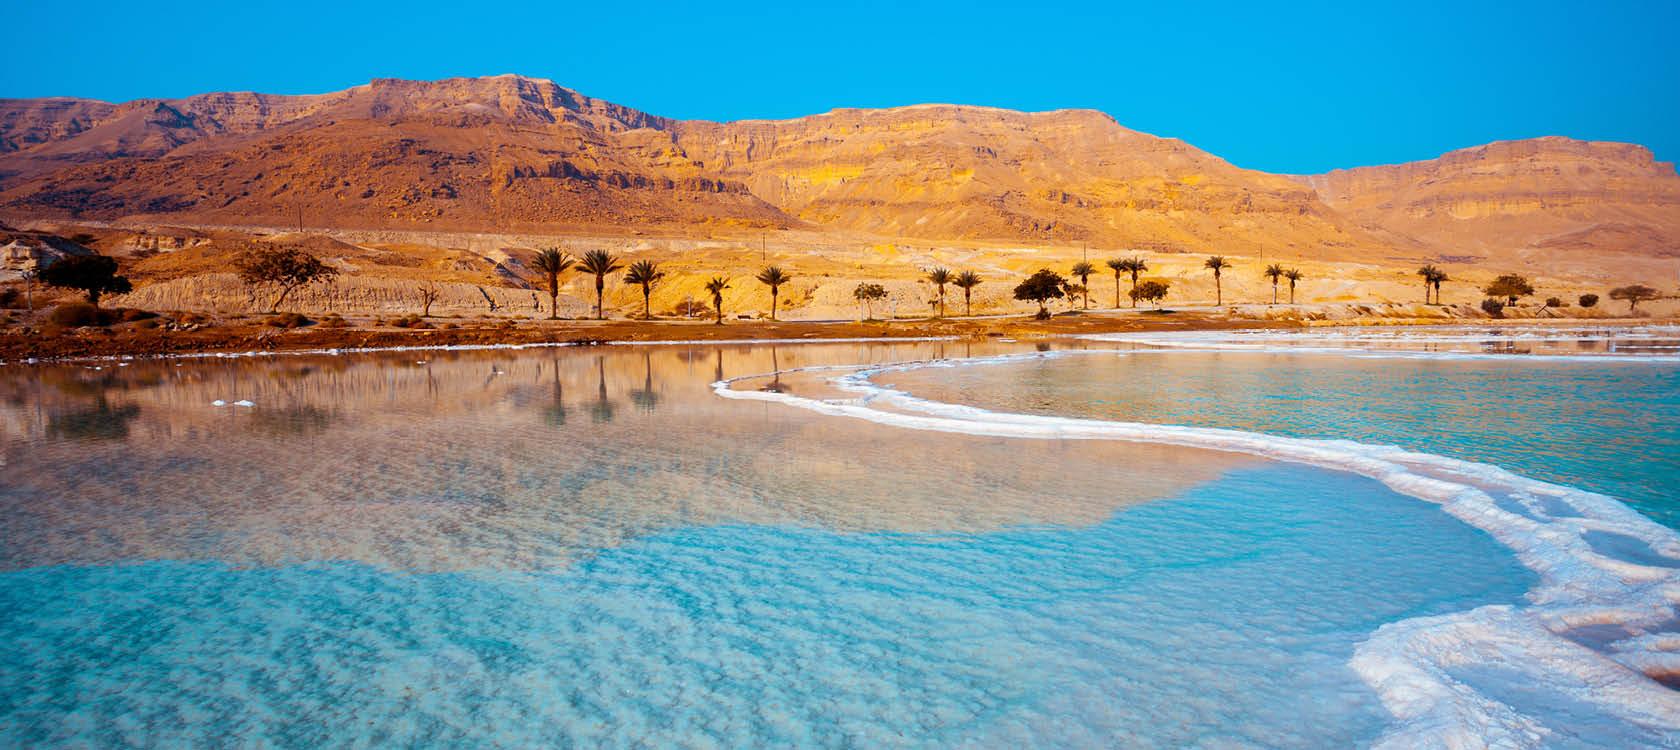 döda havet och sevärdheter på resa till israel